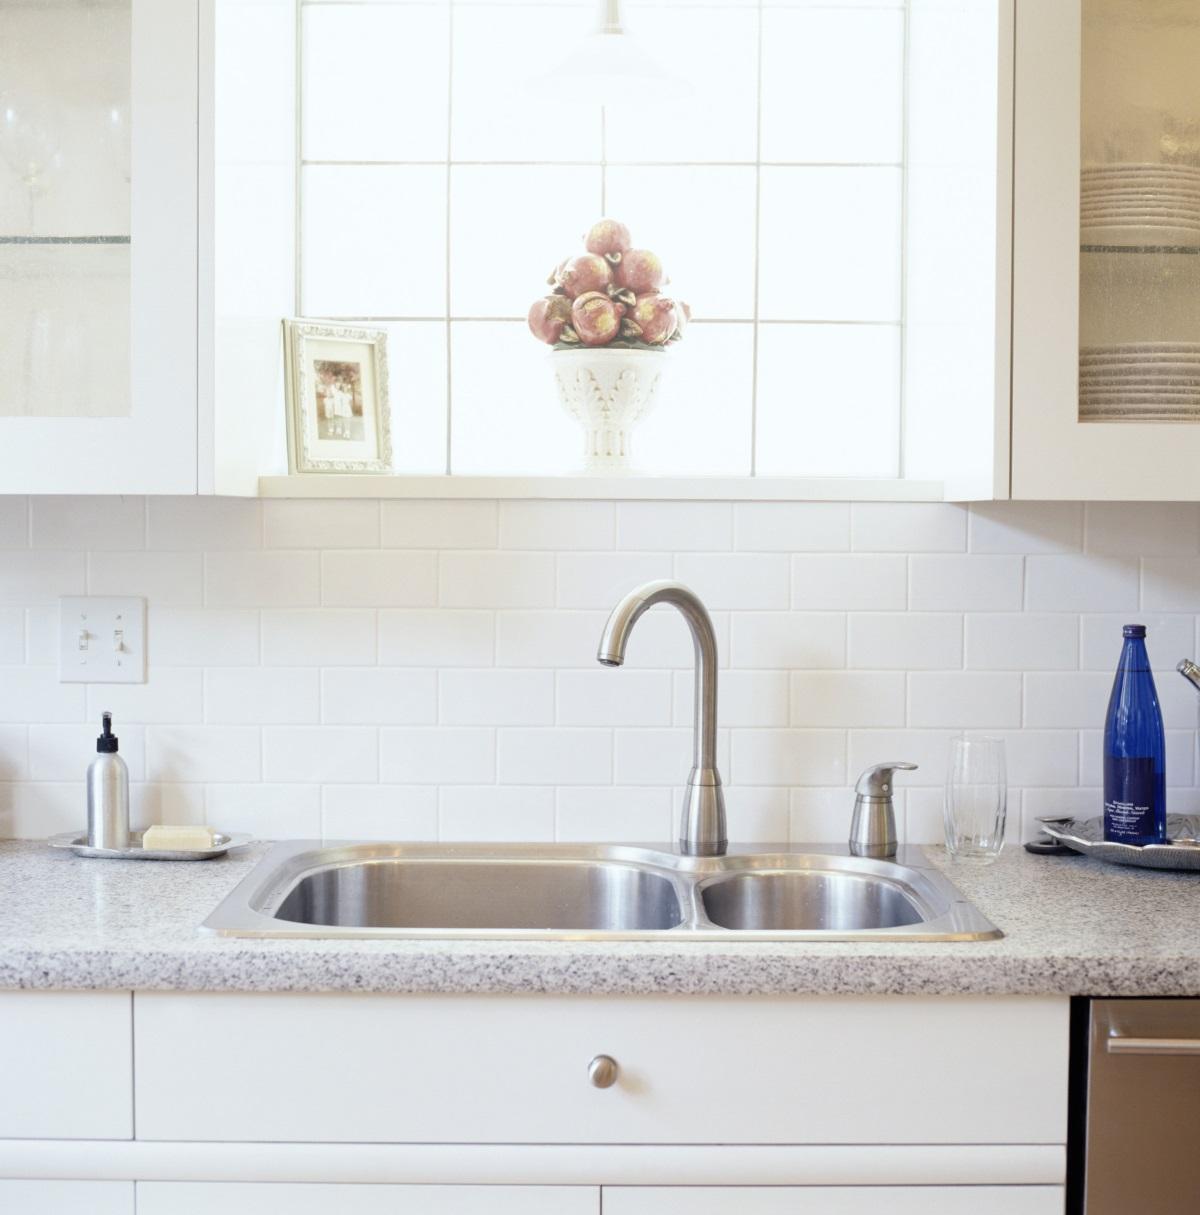 2. Гъбата и препаратът за чинии винаги стоят под мивката - след всяко измиване на съдовете, чистофайниците прибират прилежно подръчните средства в шкафа под мивката. Така кухнята изглежда чиста и спретната.